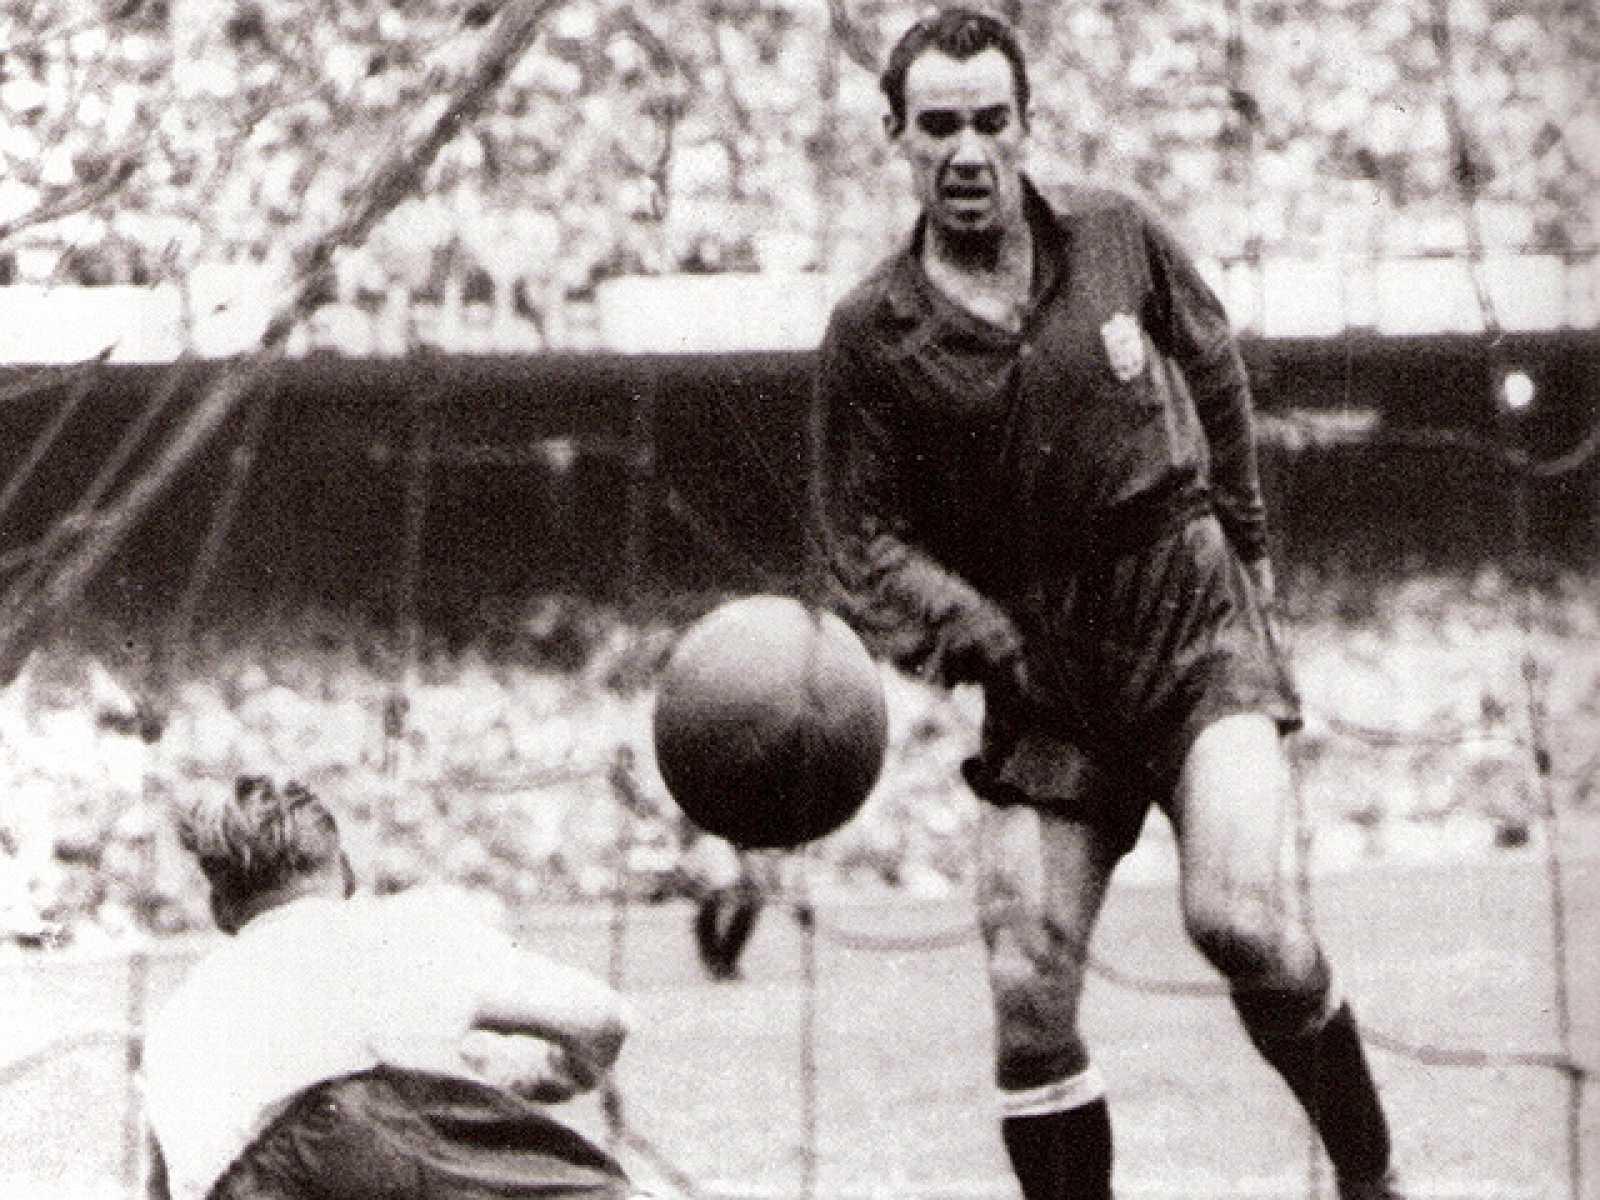 En aquellas míticas retransmisiones la voz de la selección era la de Matías Prats, quien locutó en directo el gol de Zarra que le daba la victoria a España ante Inglaterra.